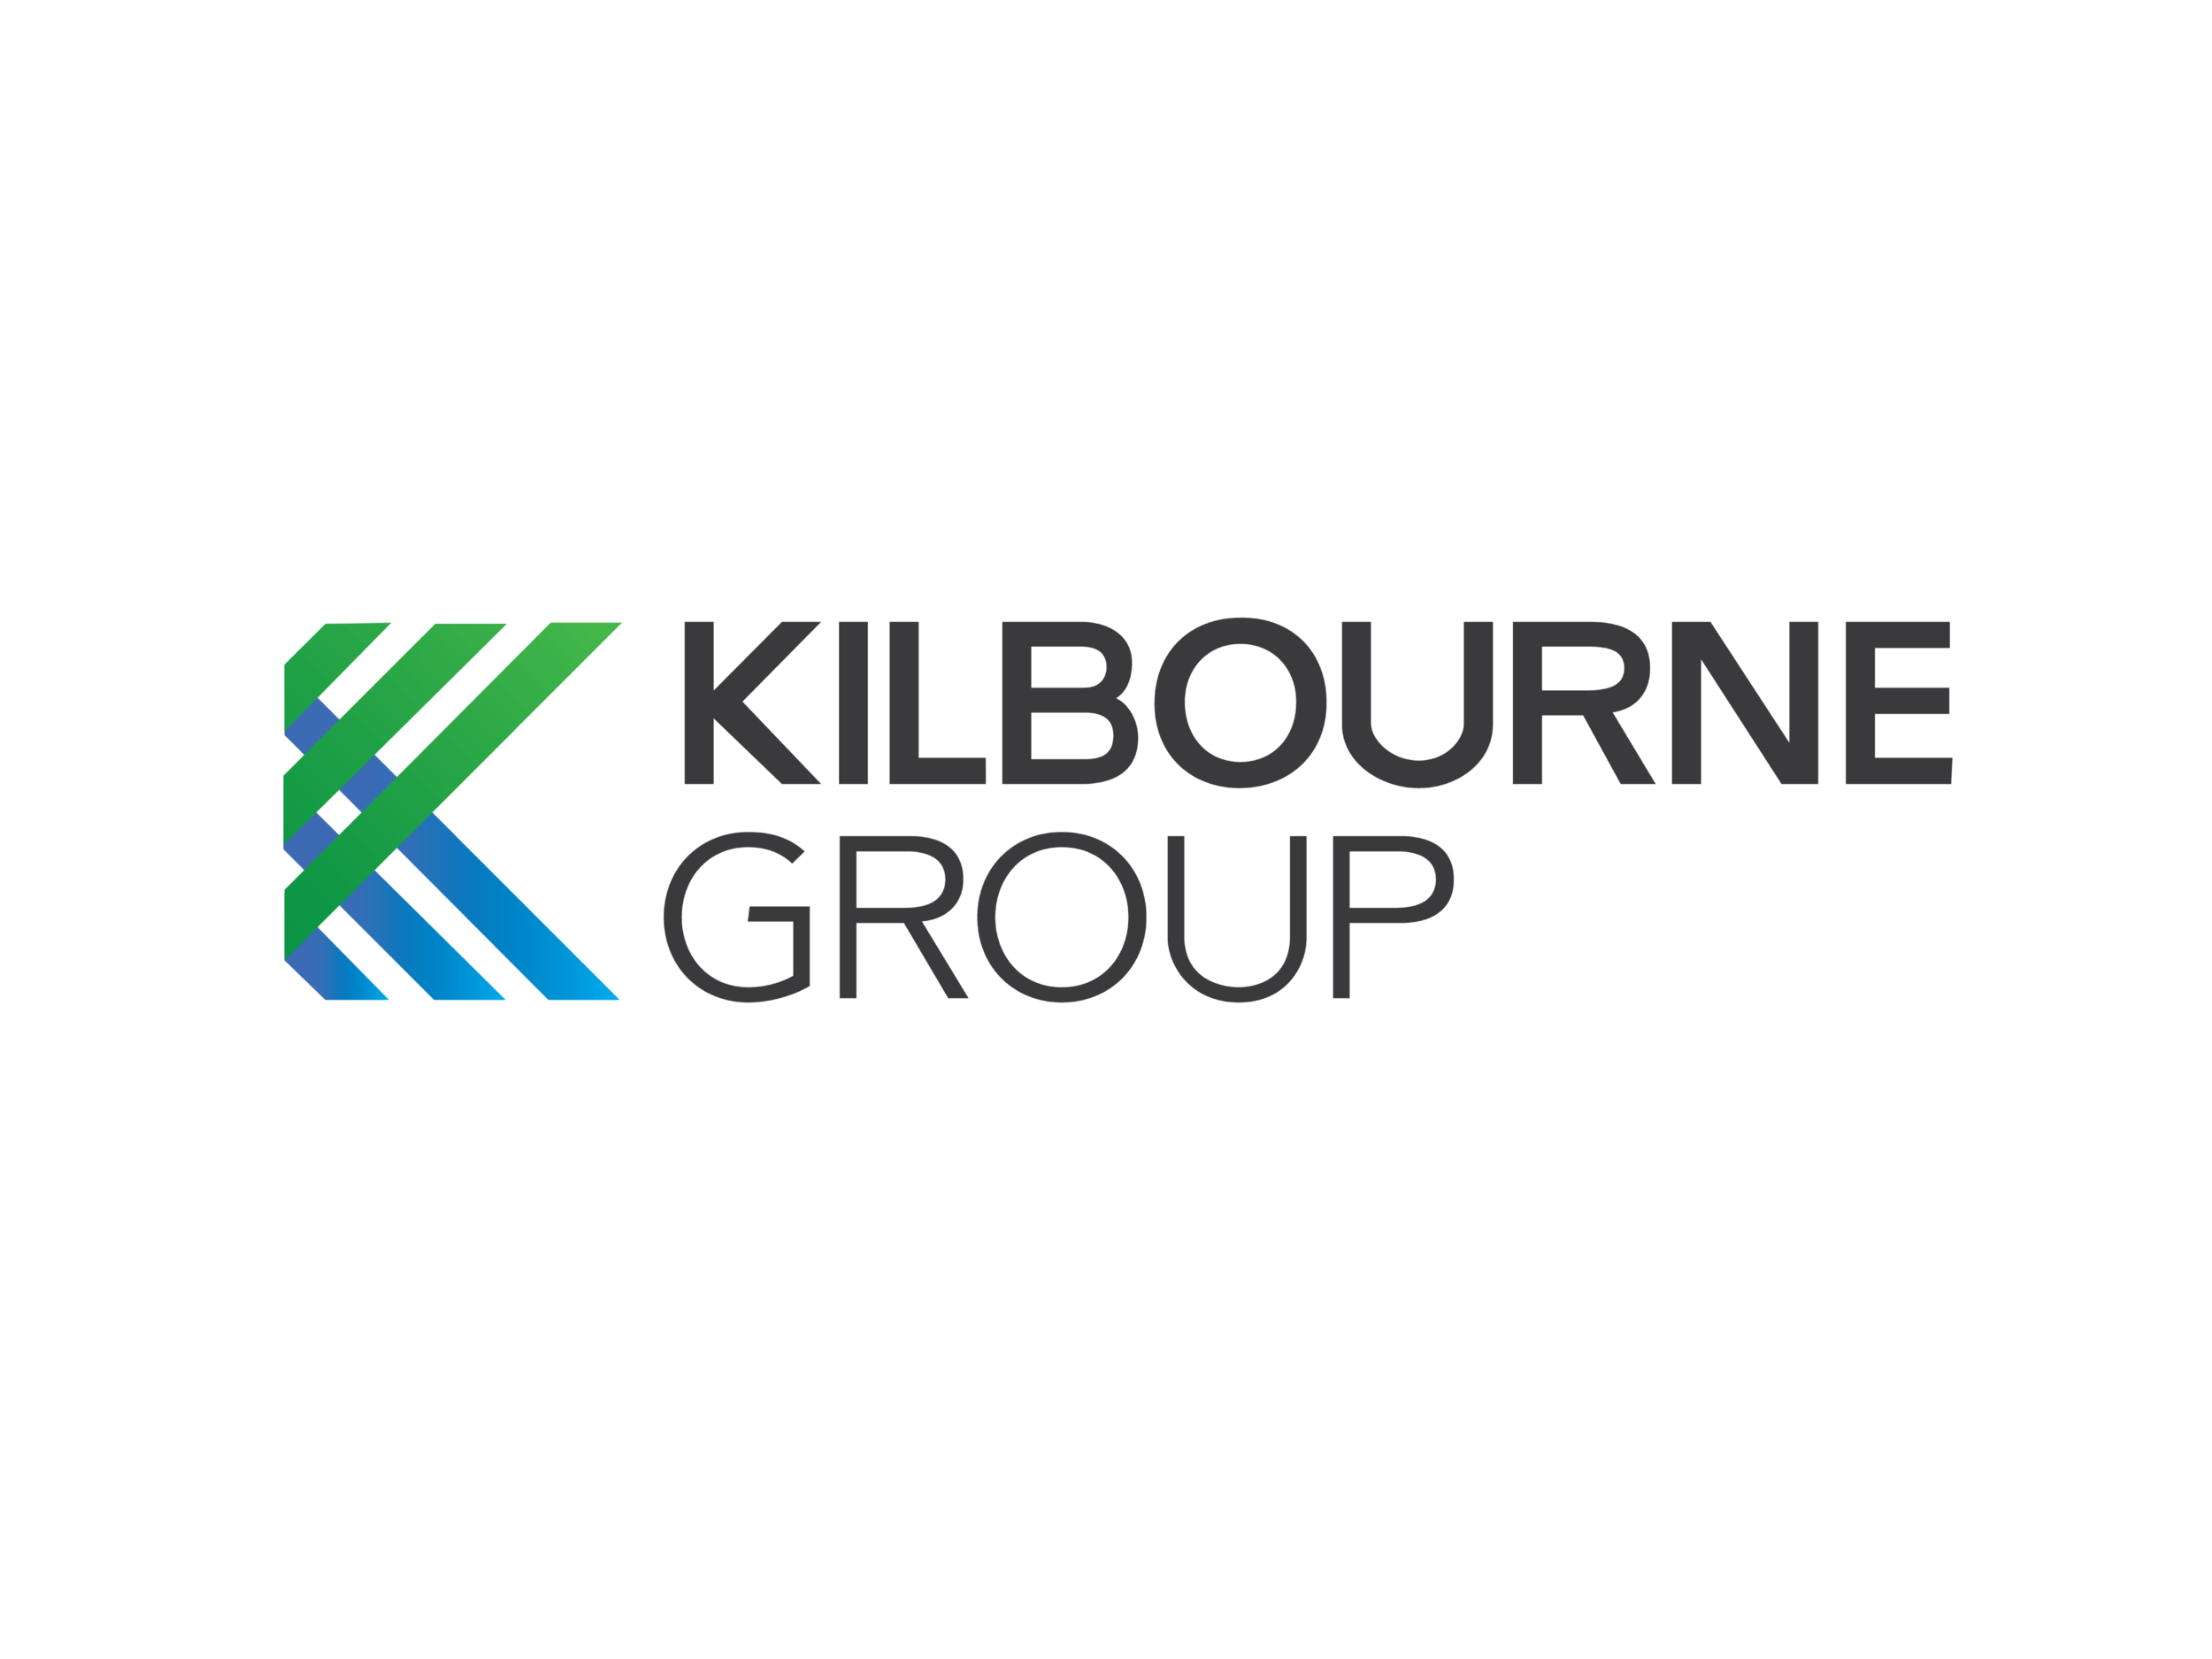 kilbourne.png